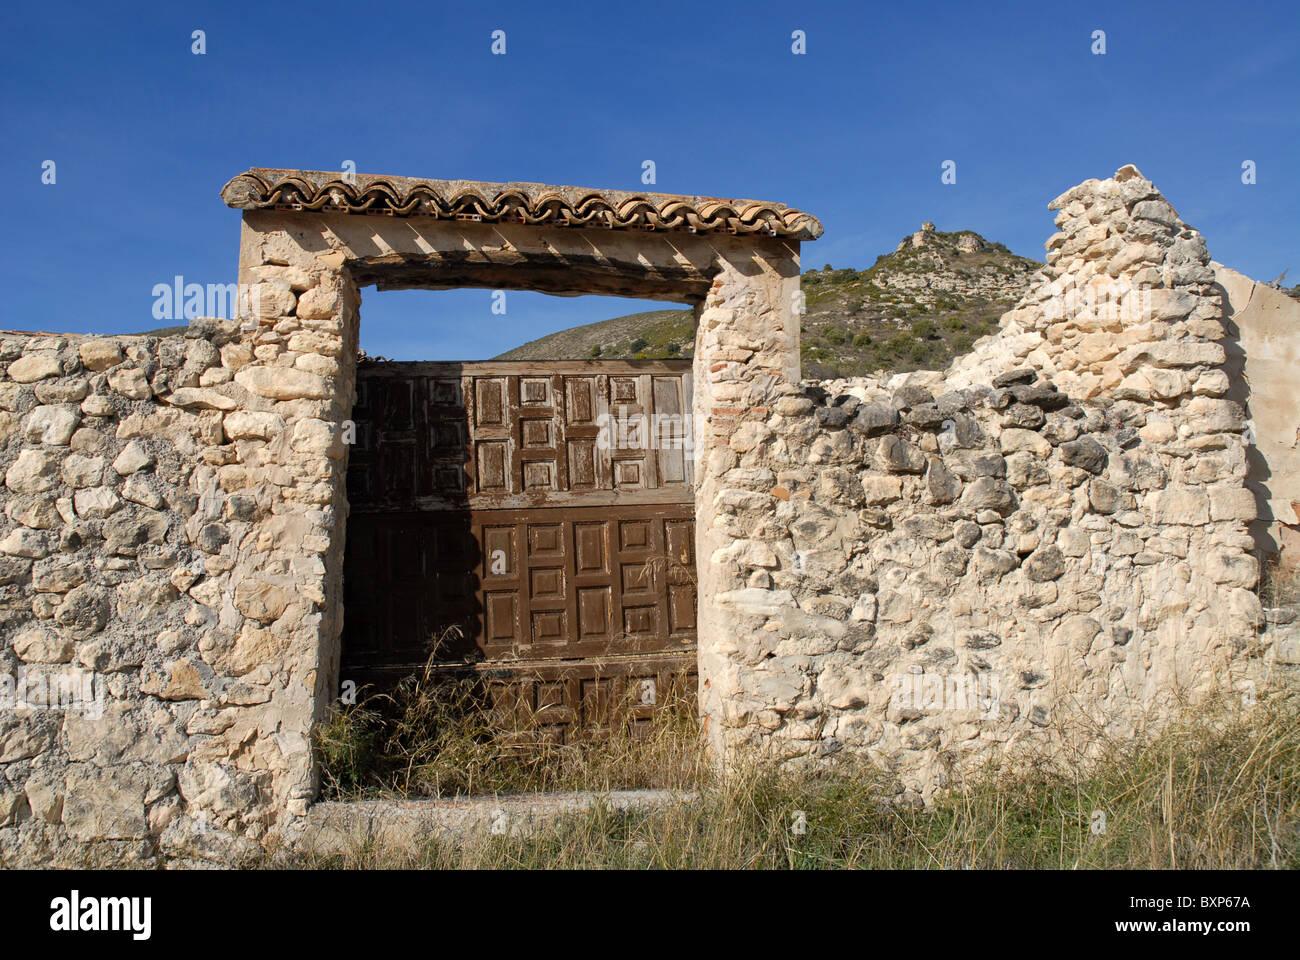 Parzialmente ristrutturato finca & vista Costurera Castello, nr Balones, Vall de Seta, Provincia di Alicante, Immagini Stock